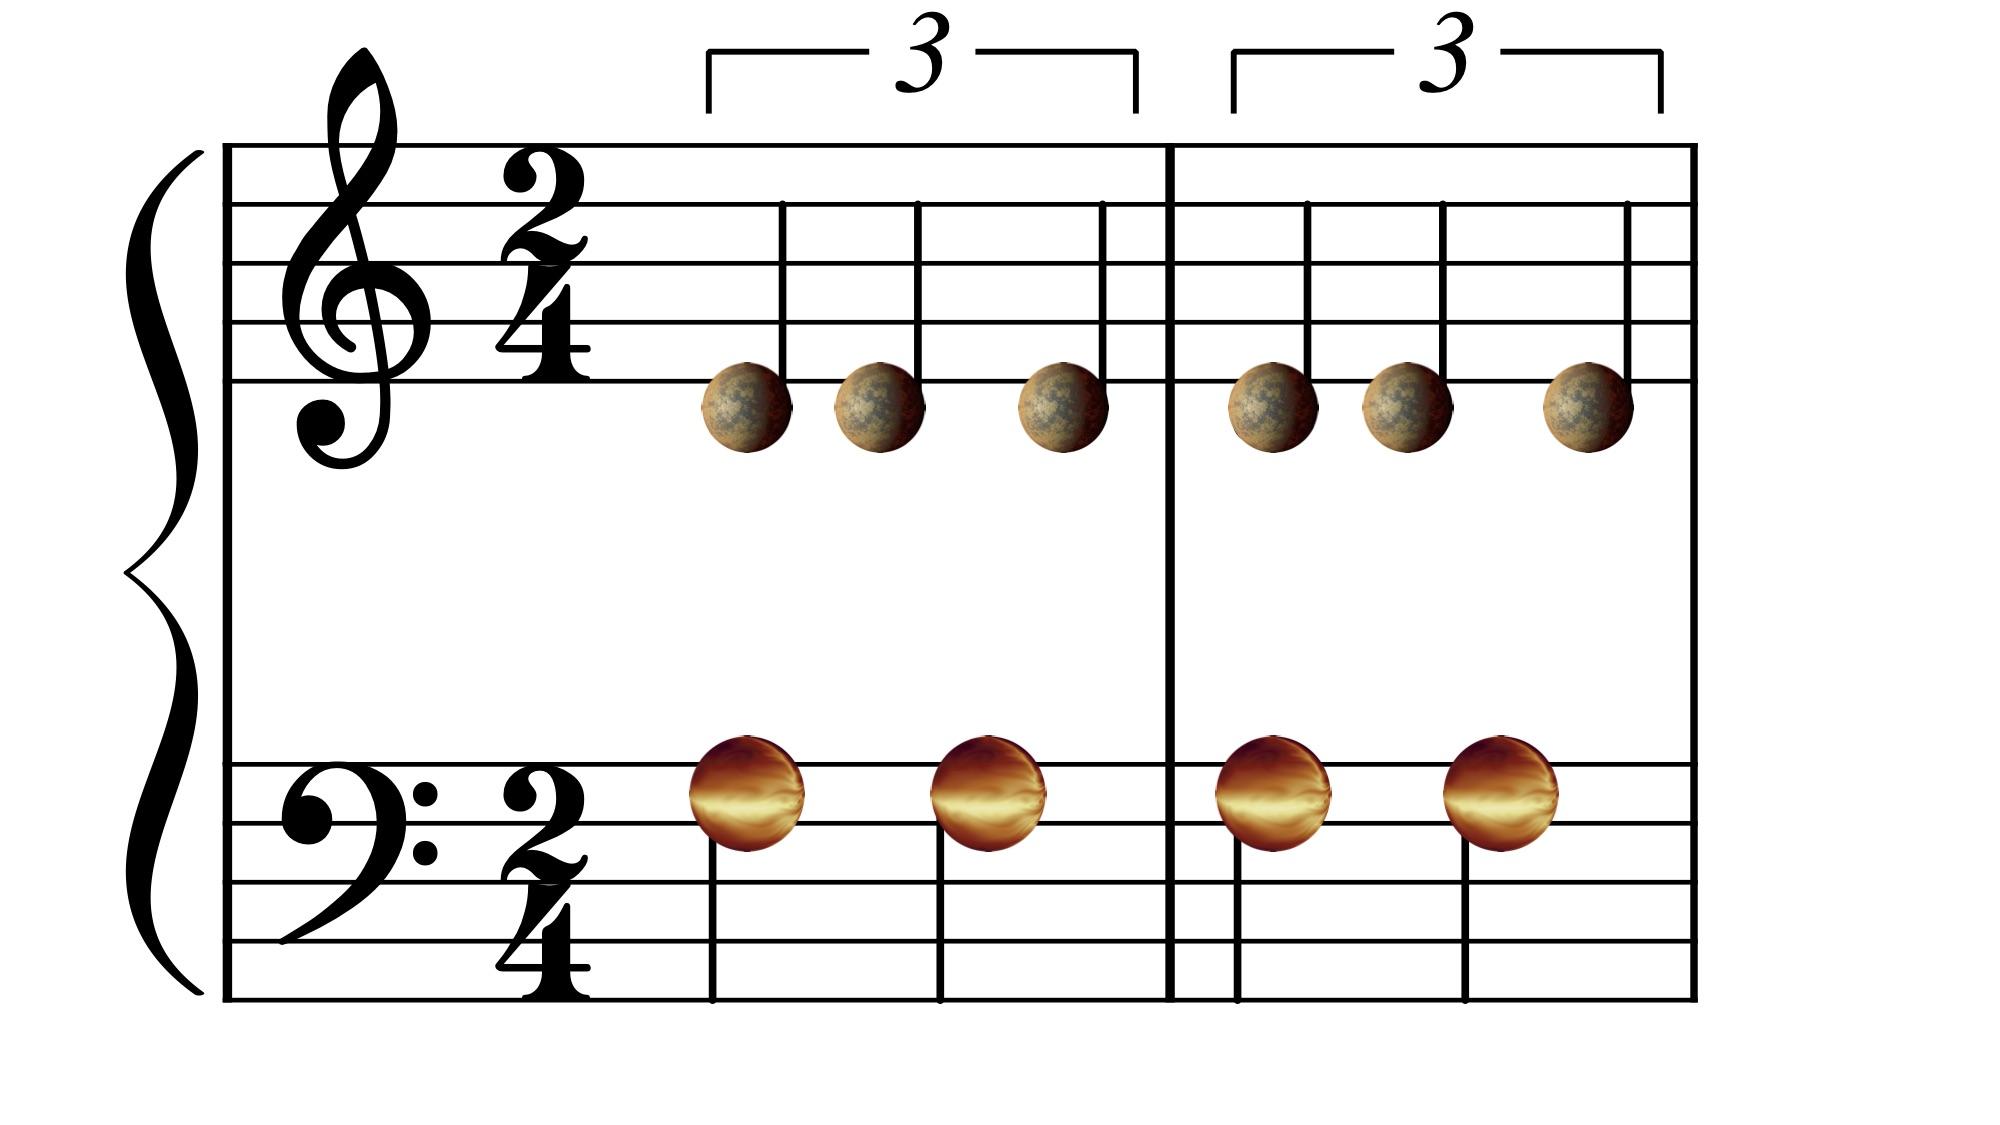 La resonancia orbital de los planetas que rodean al sistema HD158259 es similar: proceden como los músicos cuando se sintonizan al primer compás. © UNIGE/NASA